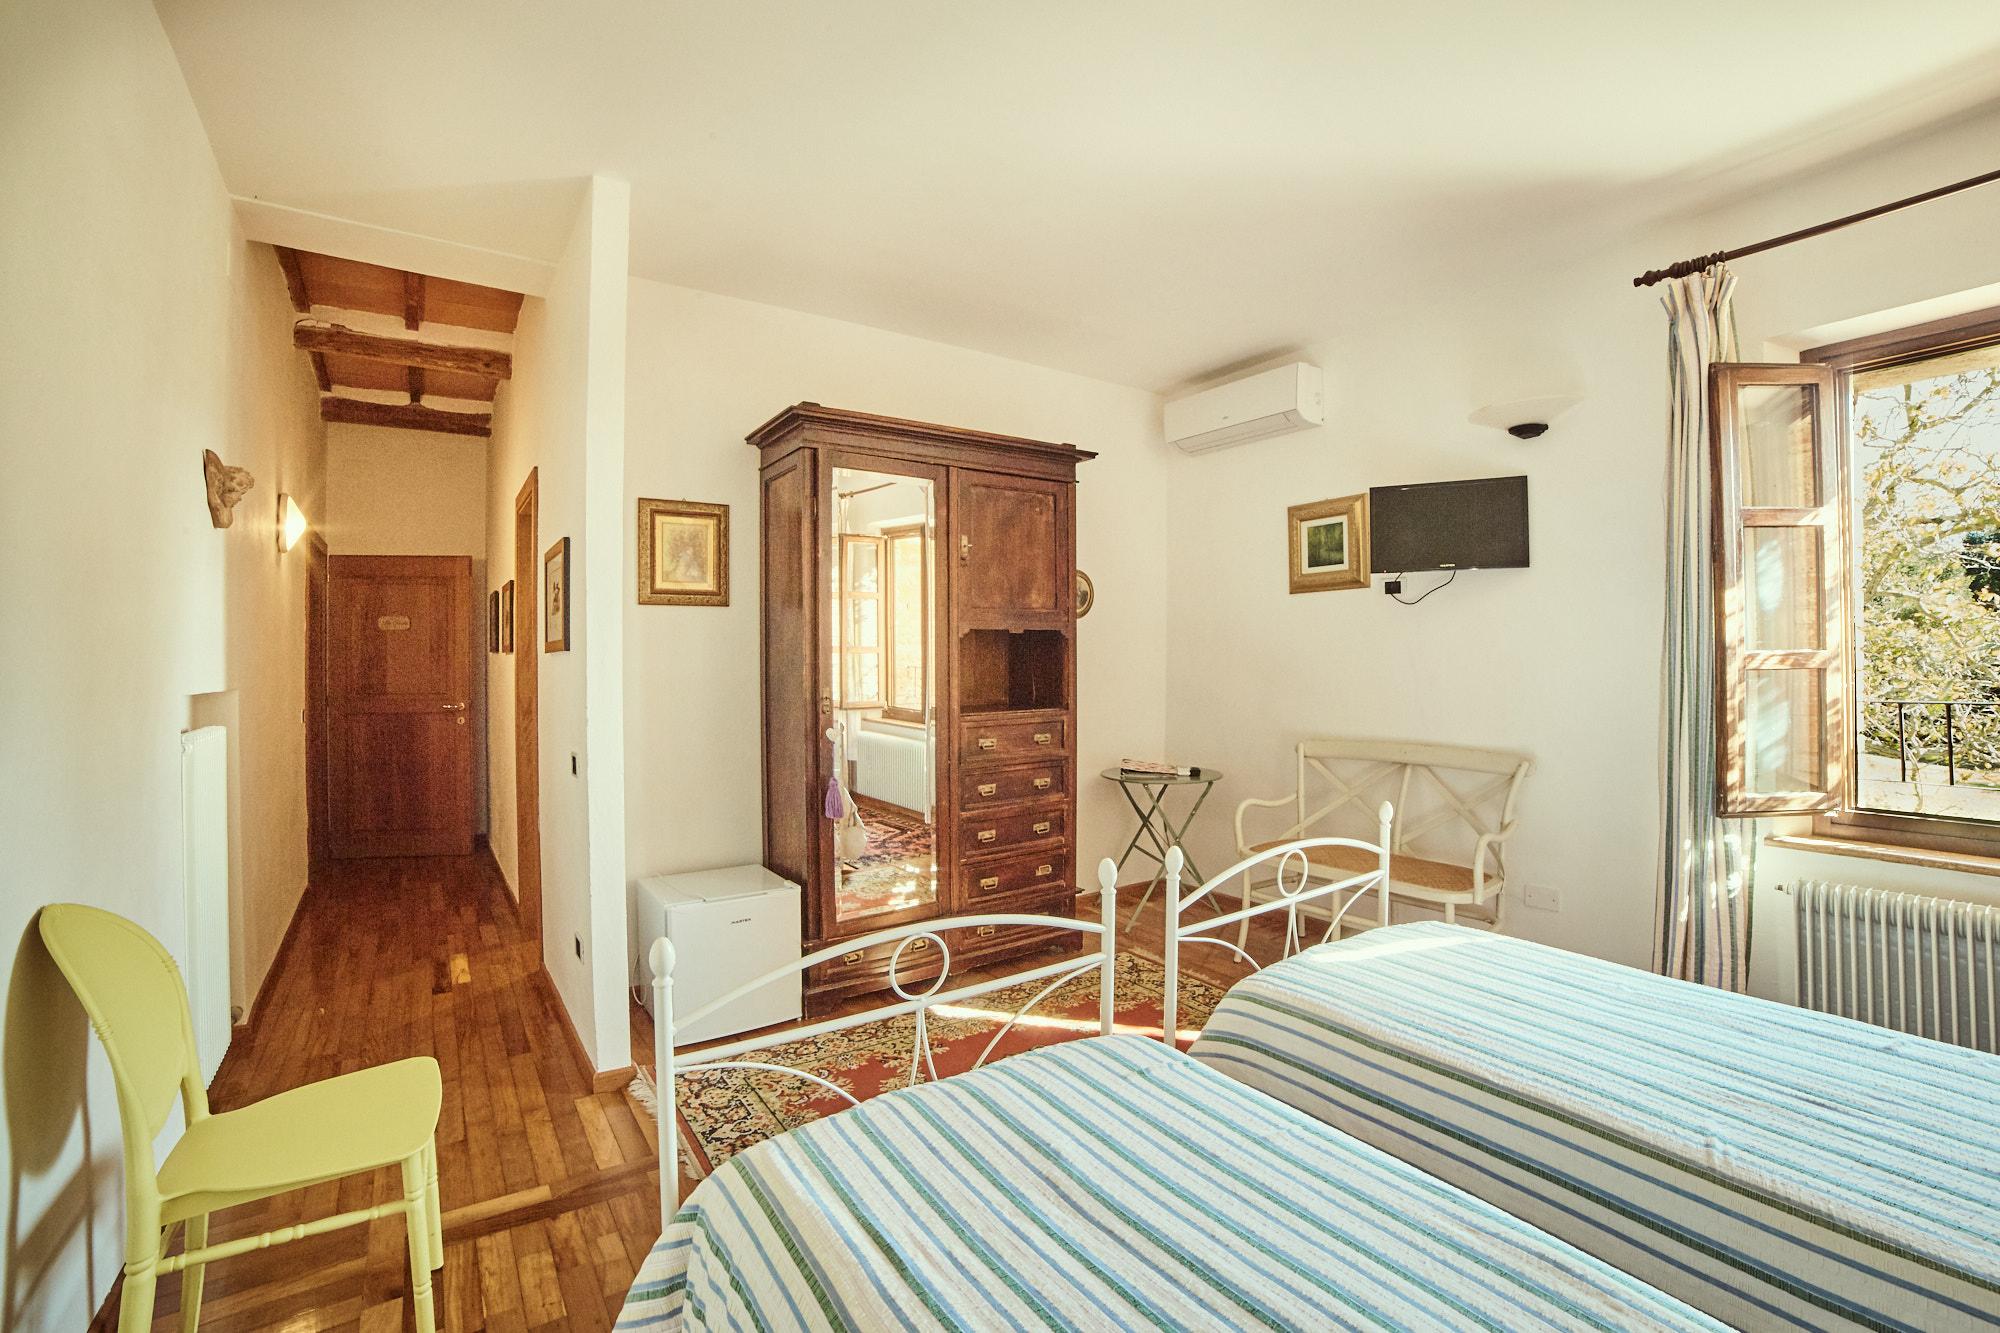 Albachiara - Tuscany B&B